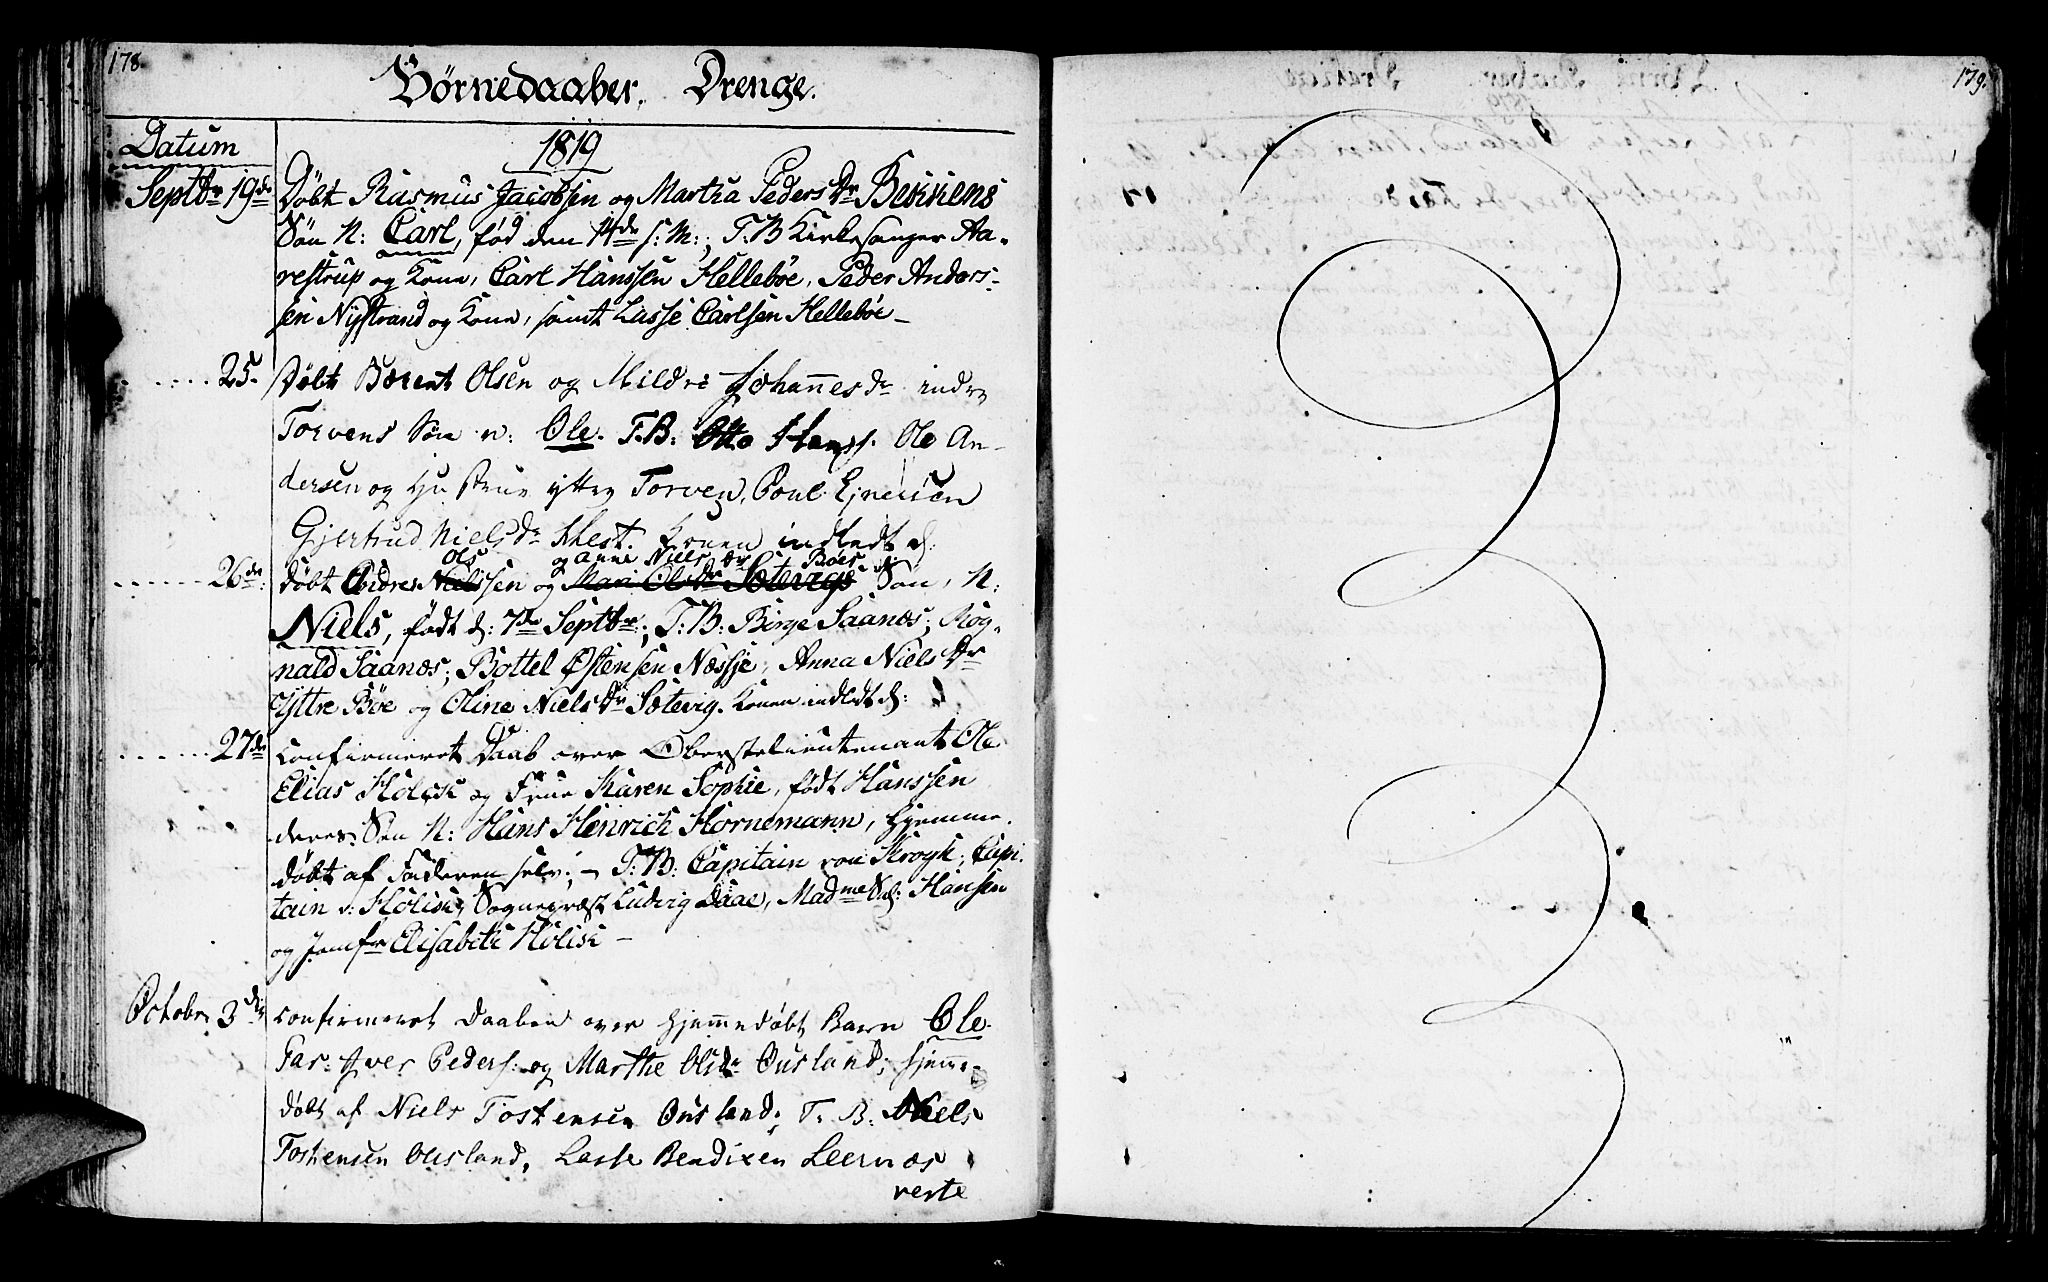 SAB, Lavik sokneprestembete, Ministerialbok nr. A 1, 1809-1822, s. 178-179